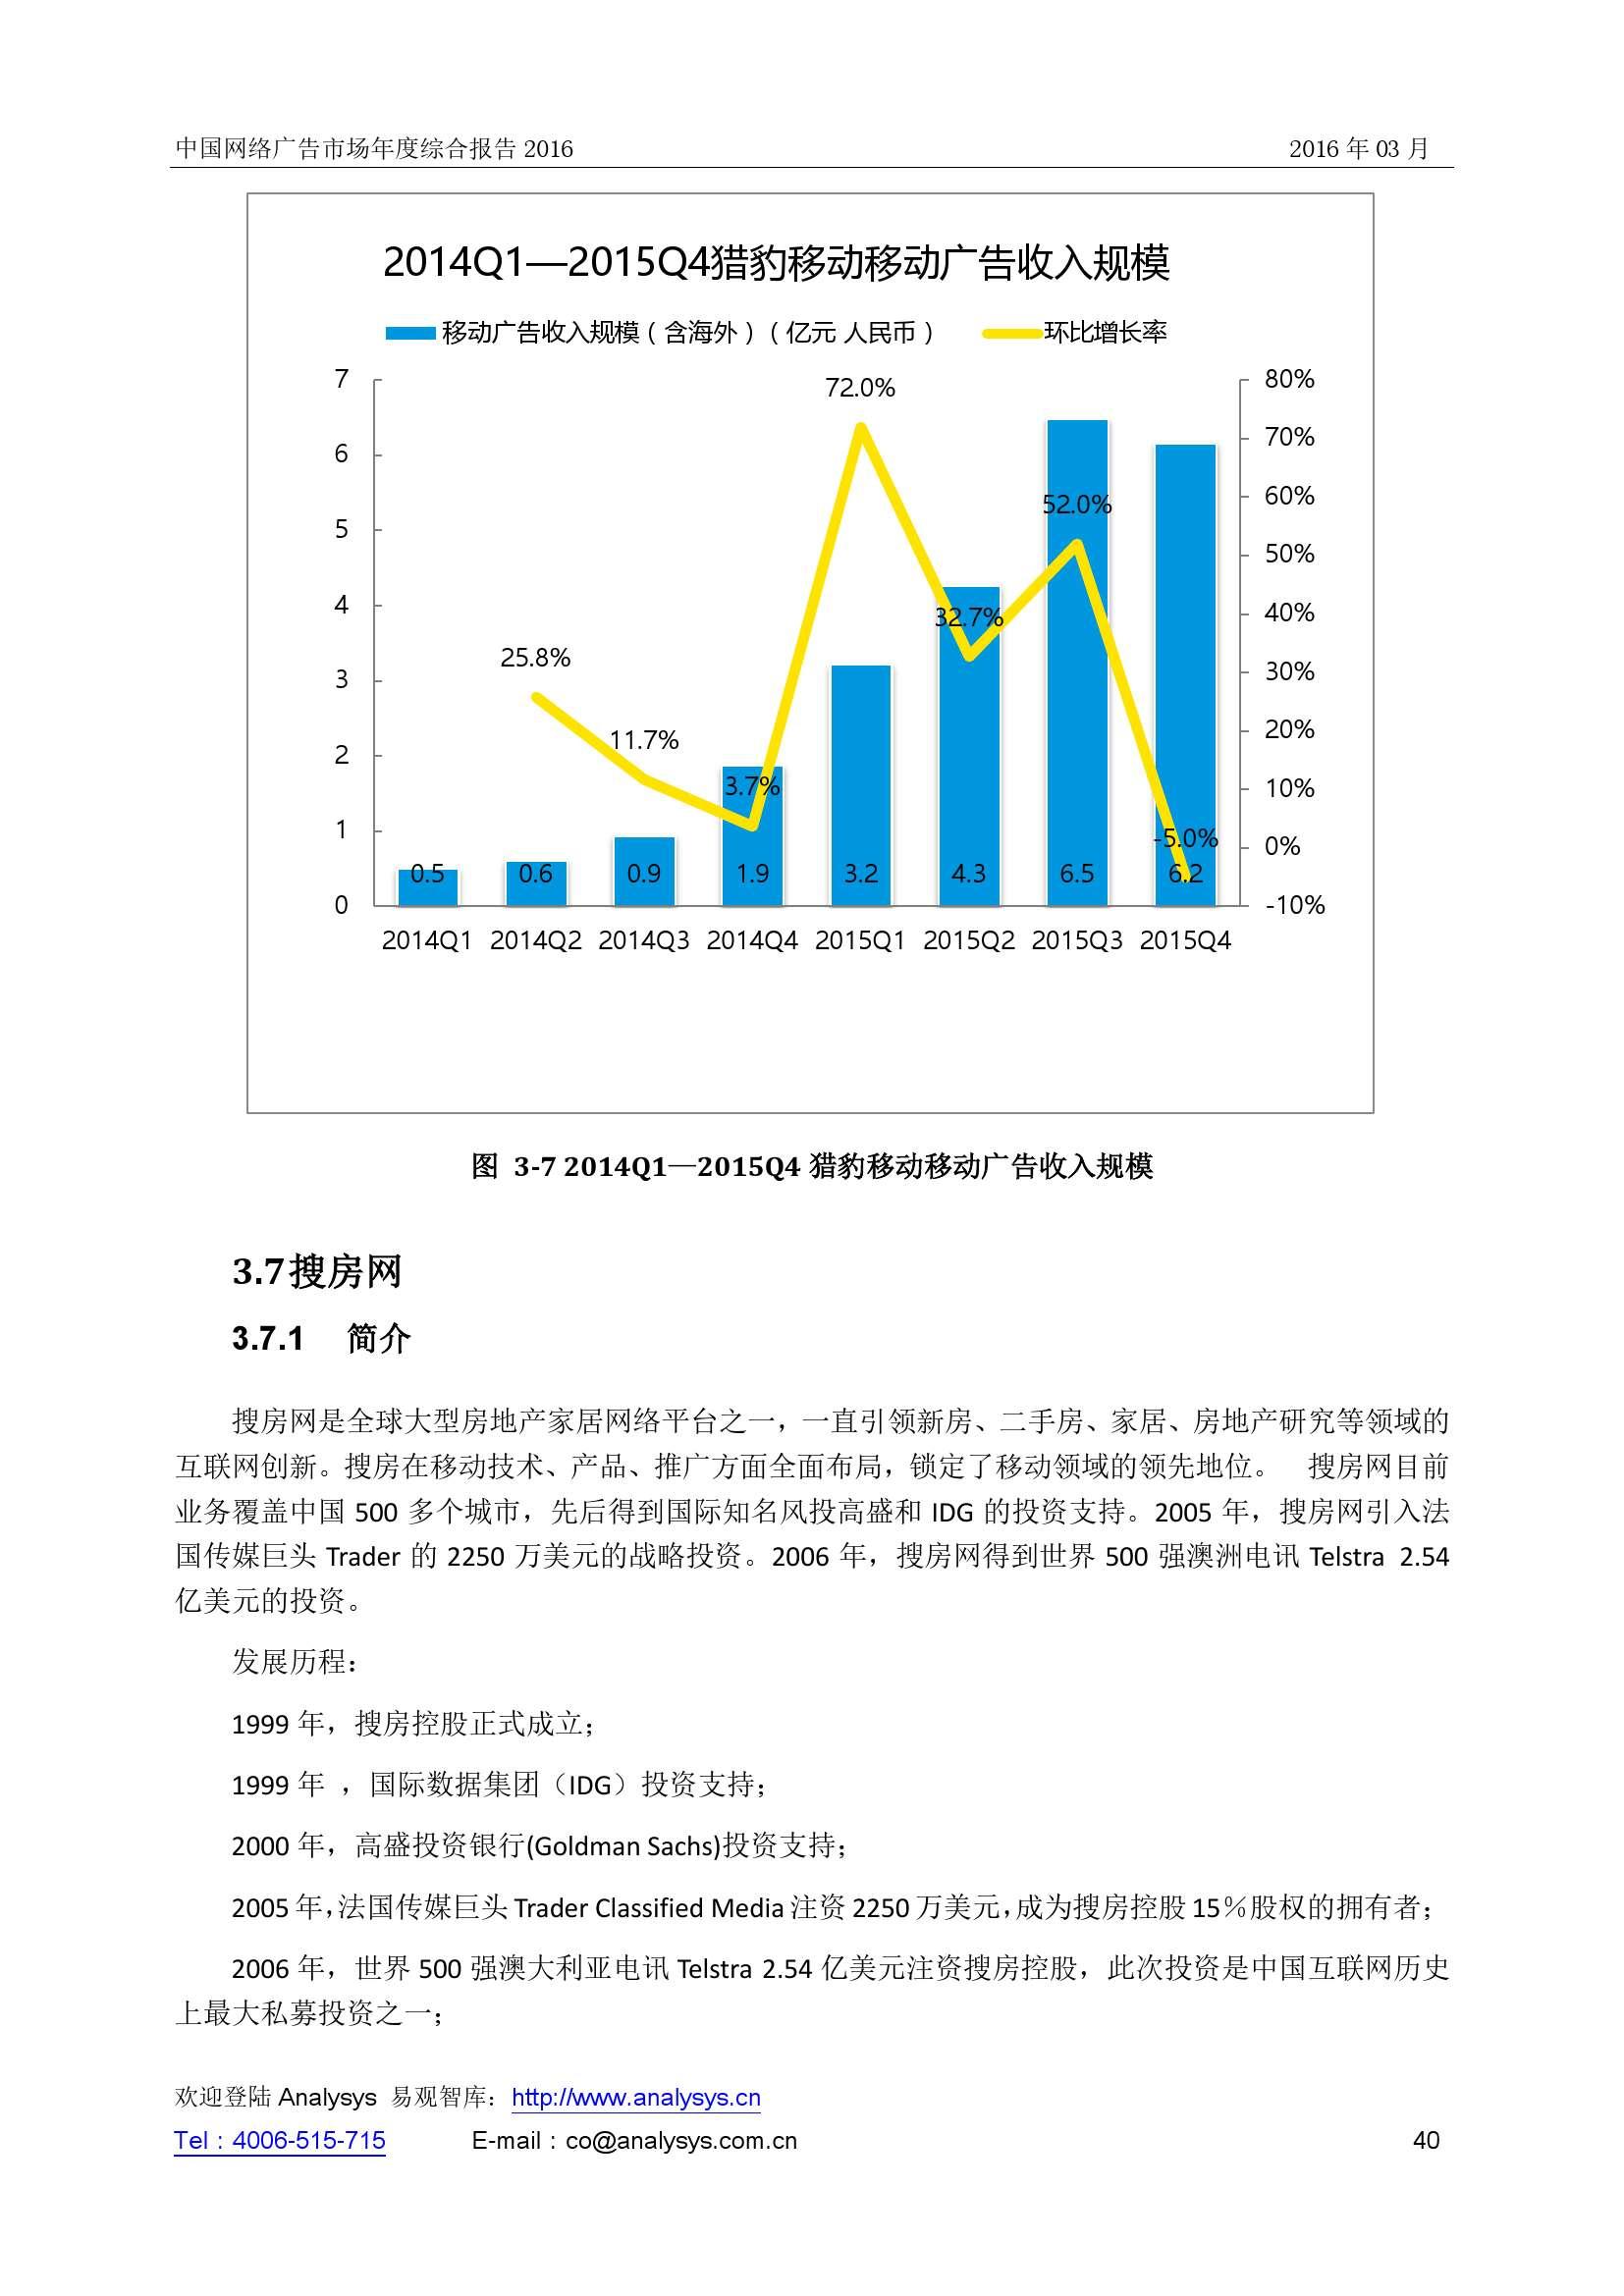 中国网络广告市场年度综合报告2016_000040